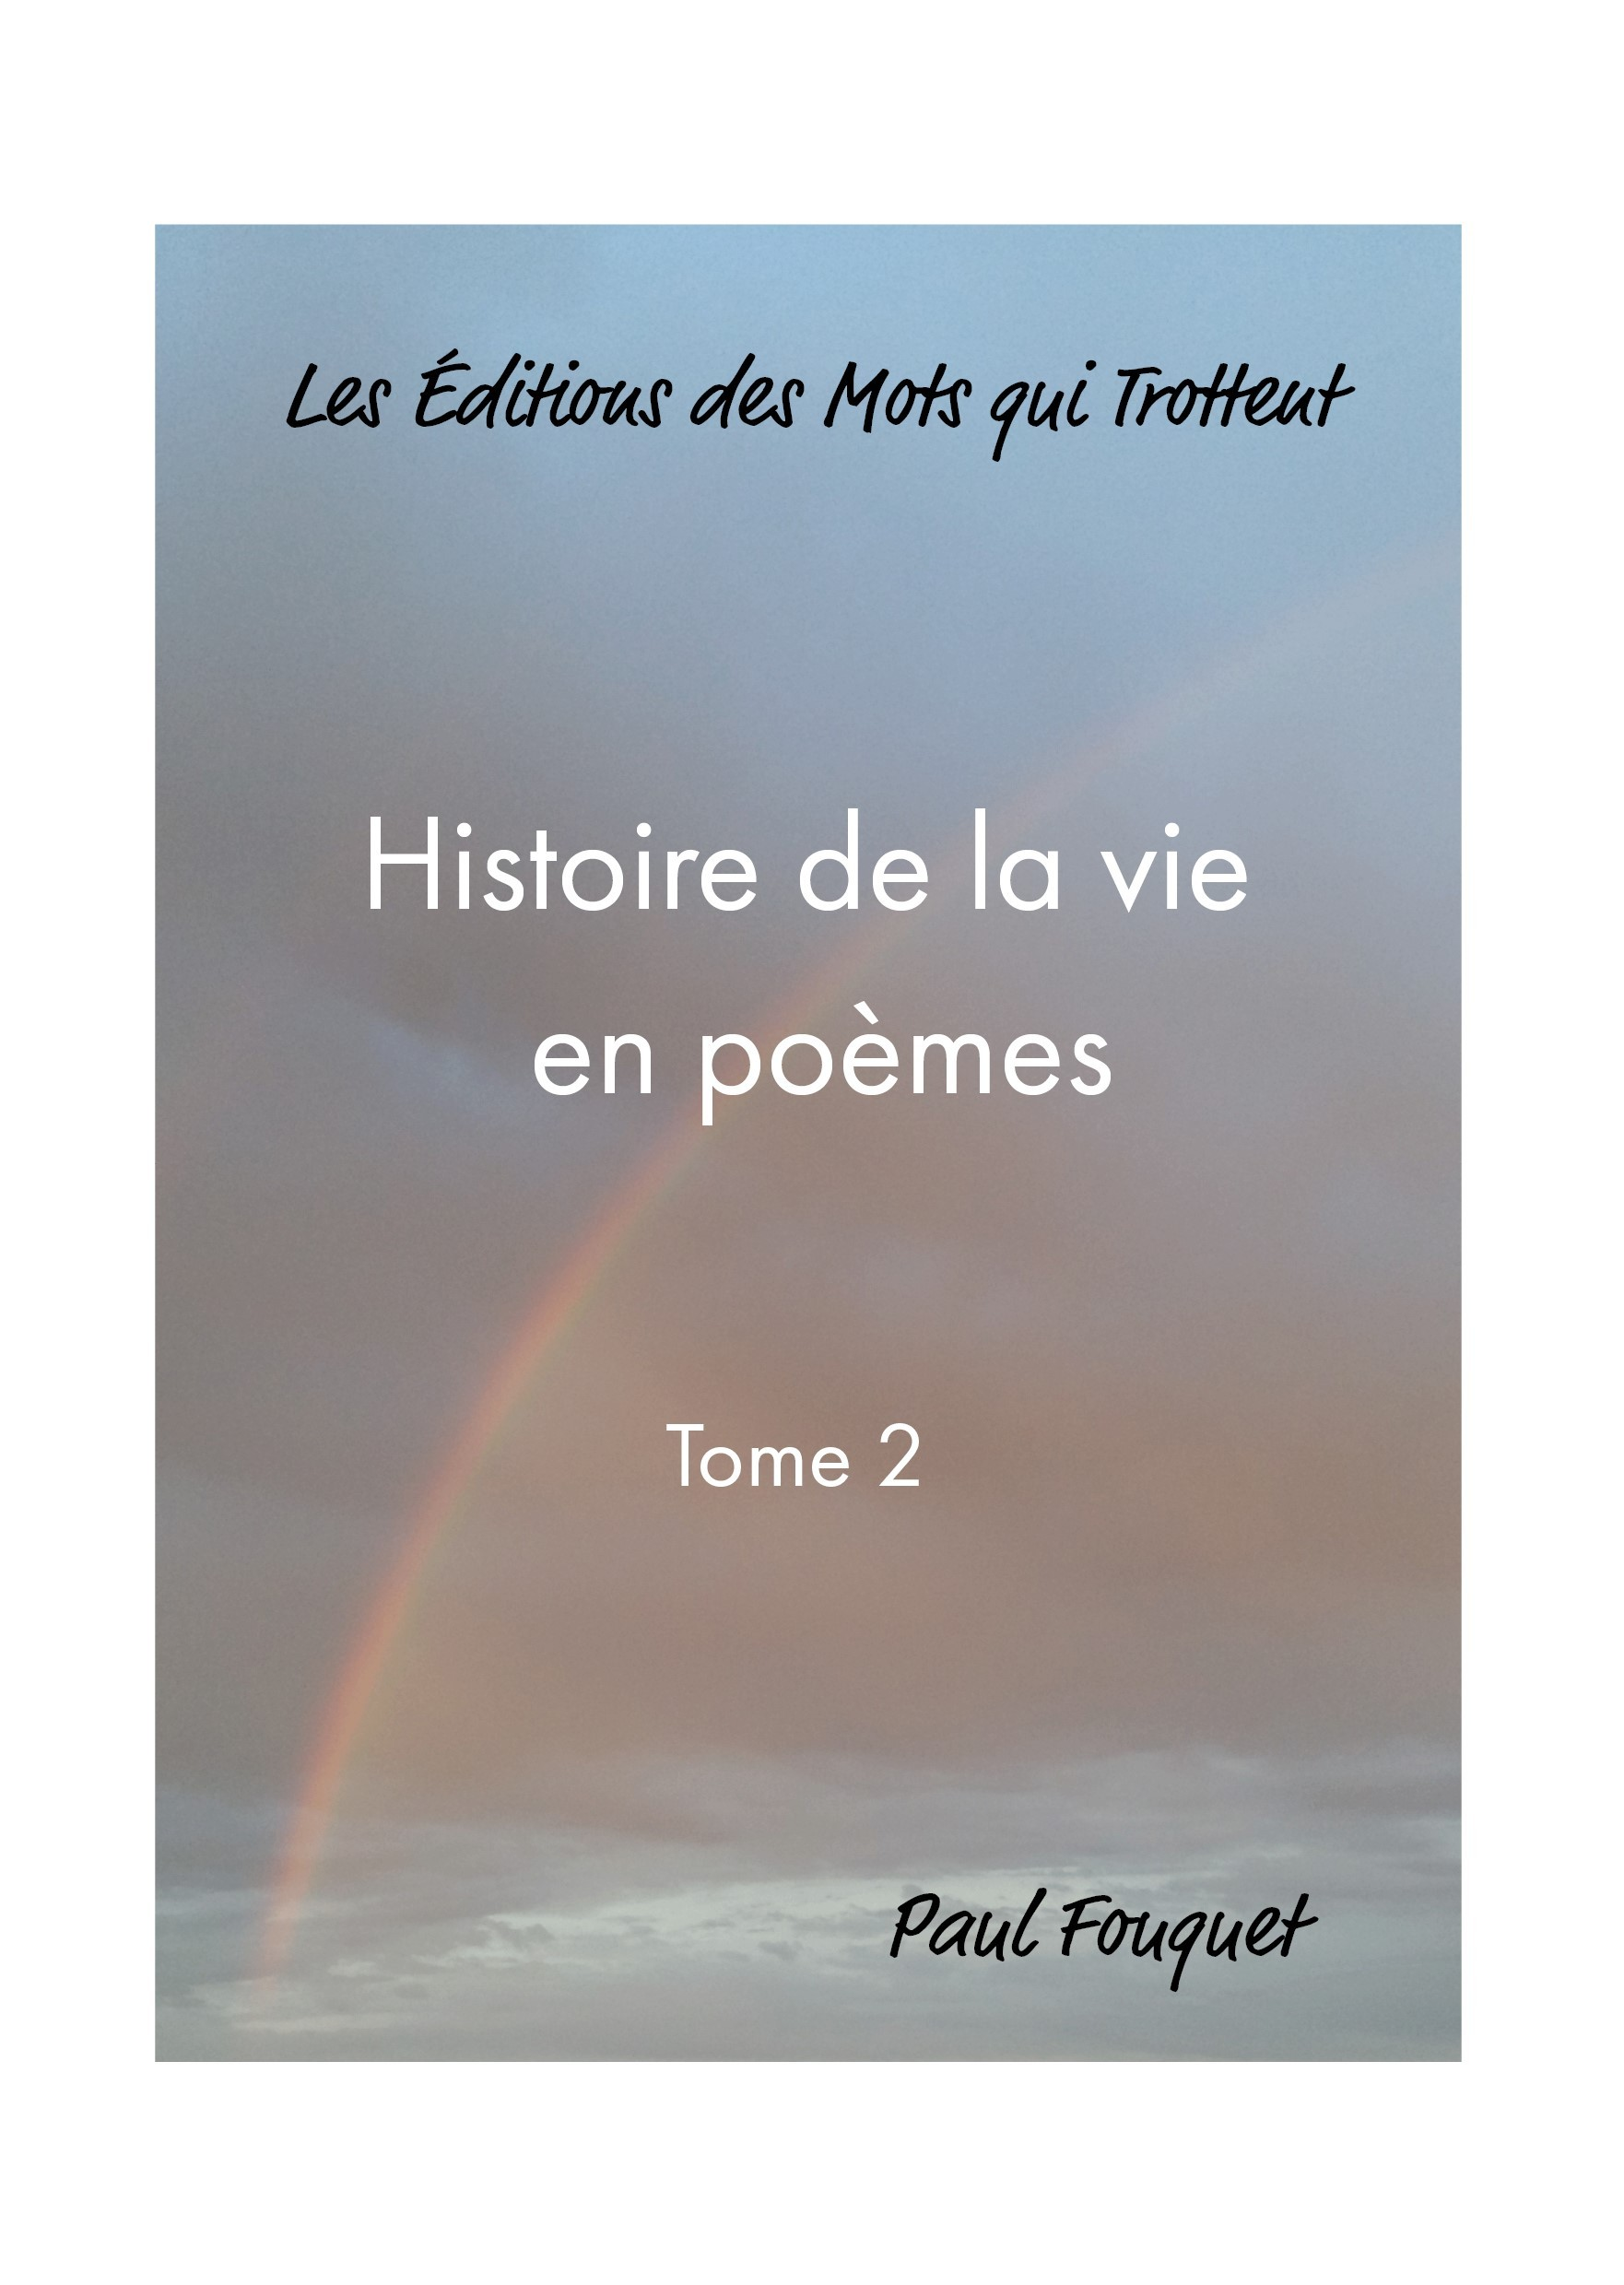 HISTOIRE DE LA VIE EN POEMES - TOME 2